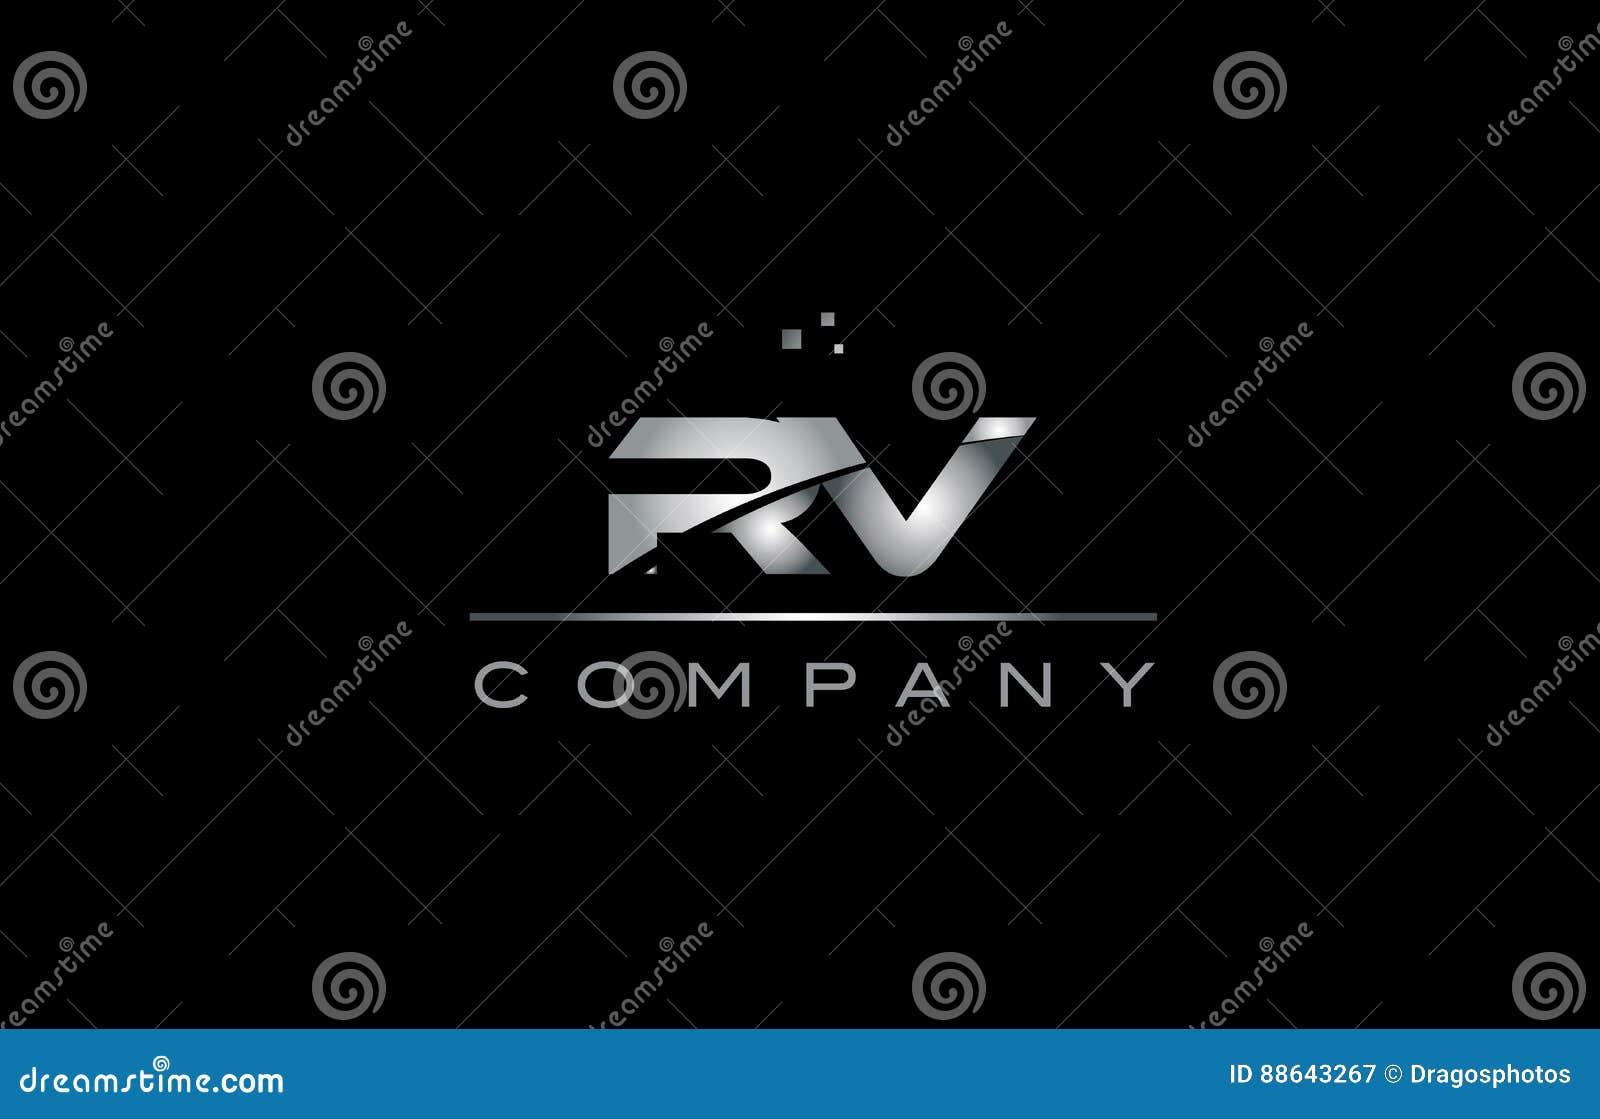 Rv r v het zilveren grijze pictogram van het de brievenembleem van het metaal metaalalfabet